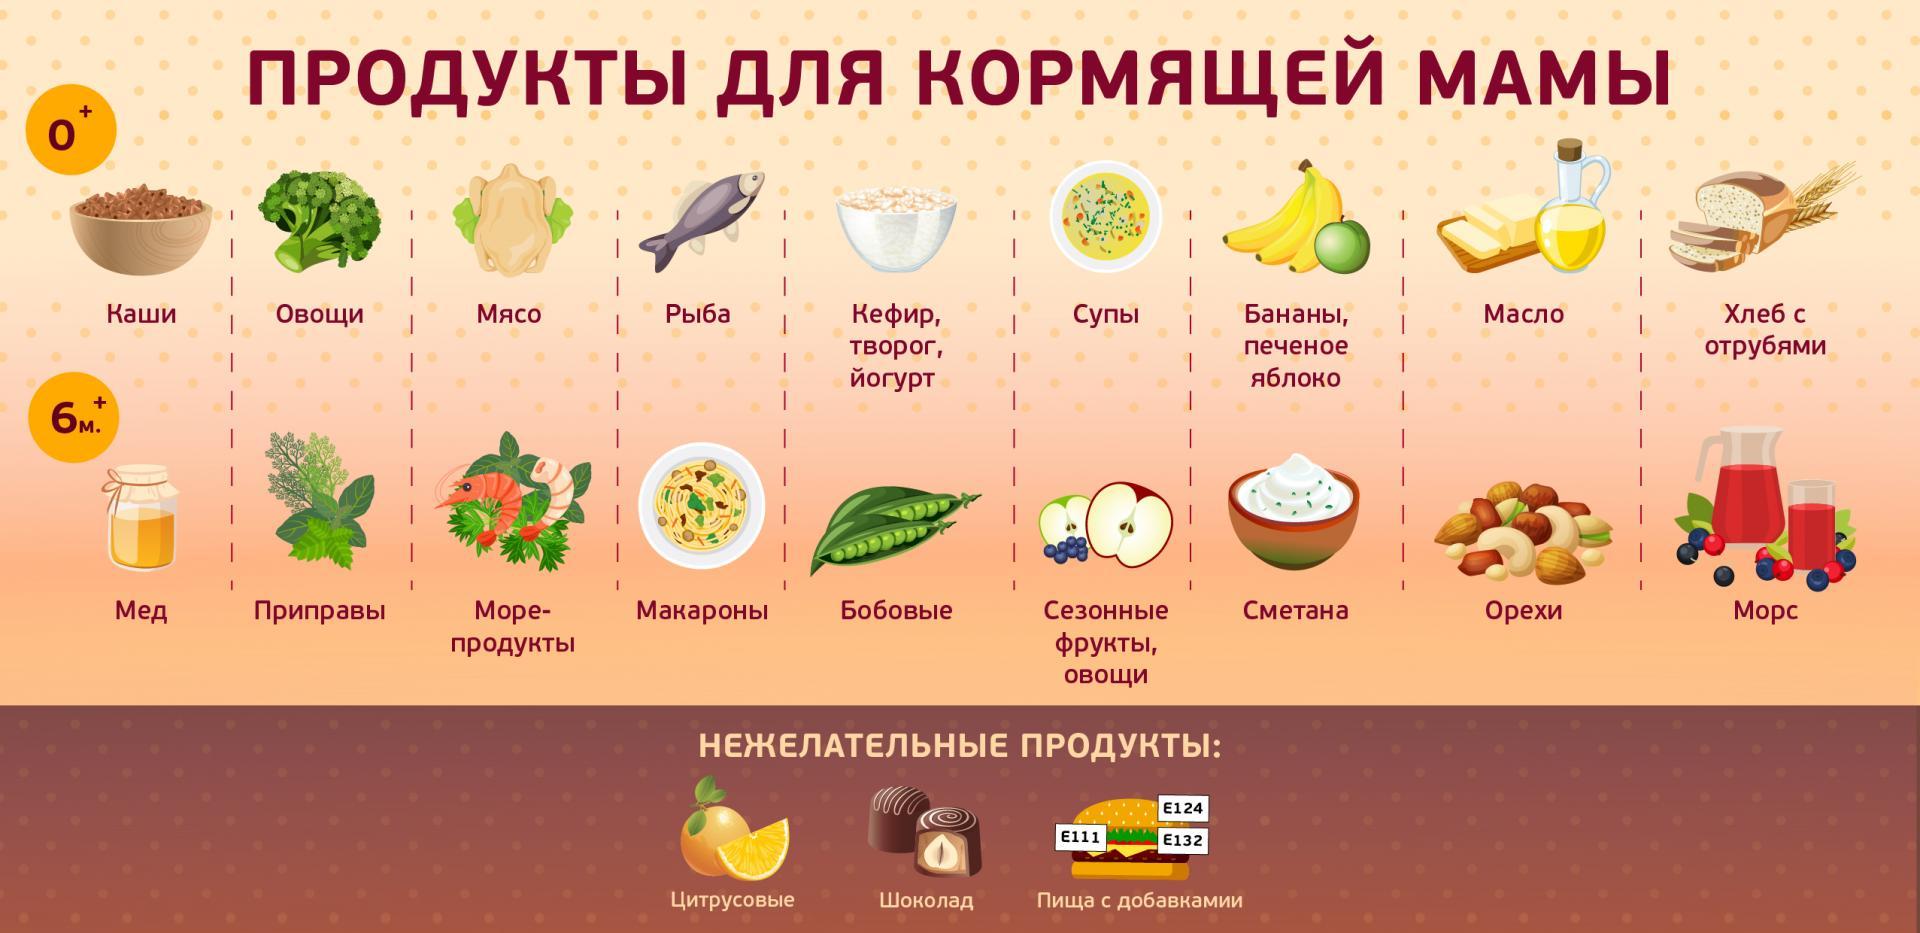 Диета Для Похудения Кормящей Маме. Диета для кормящих мам для похудения: рекомендации, примерное меню на неделю и рецепты блюд, полезных для малыша